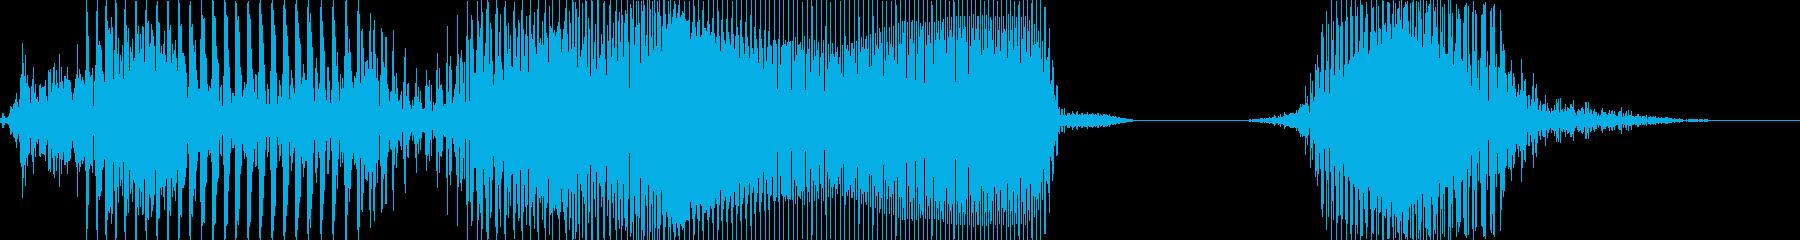 パワーアップ!の再生済みの波形